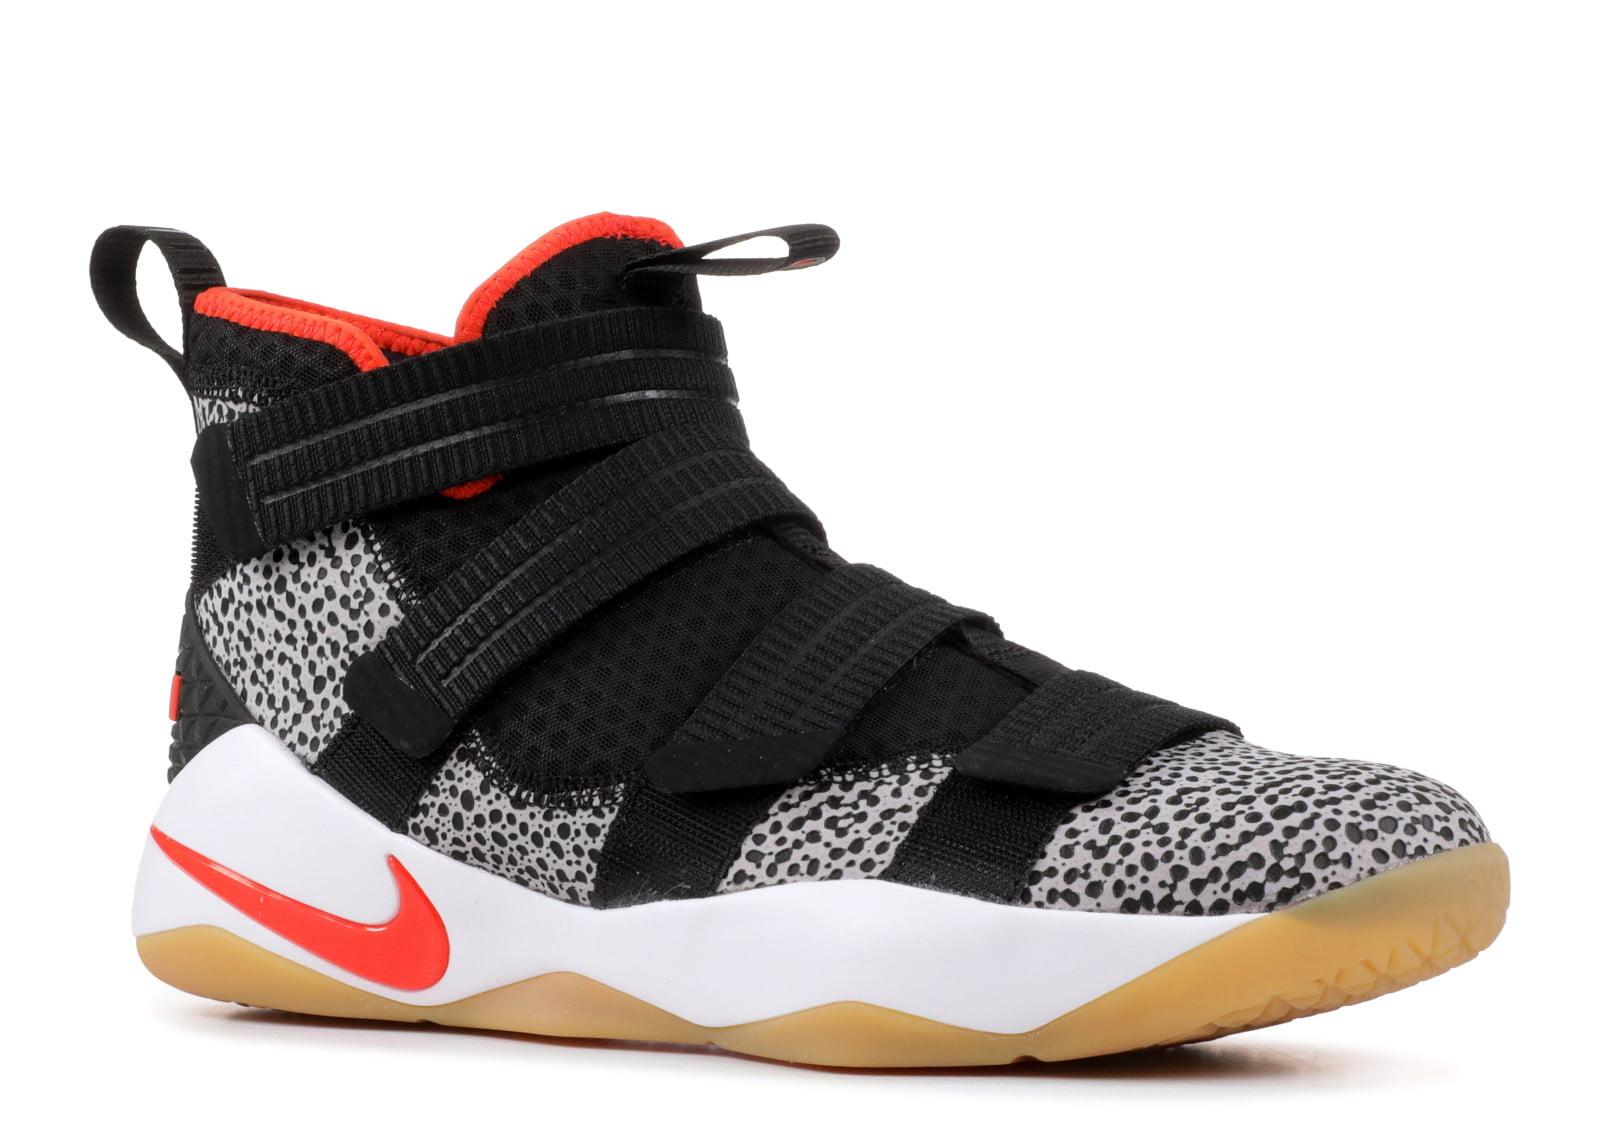 Nike - Men - Lebron Soldier Xi Sfg